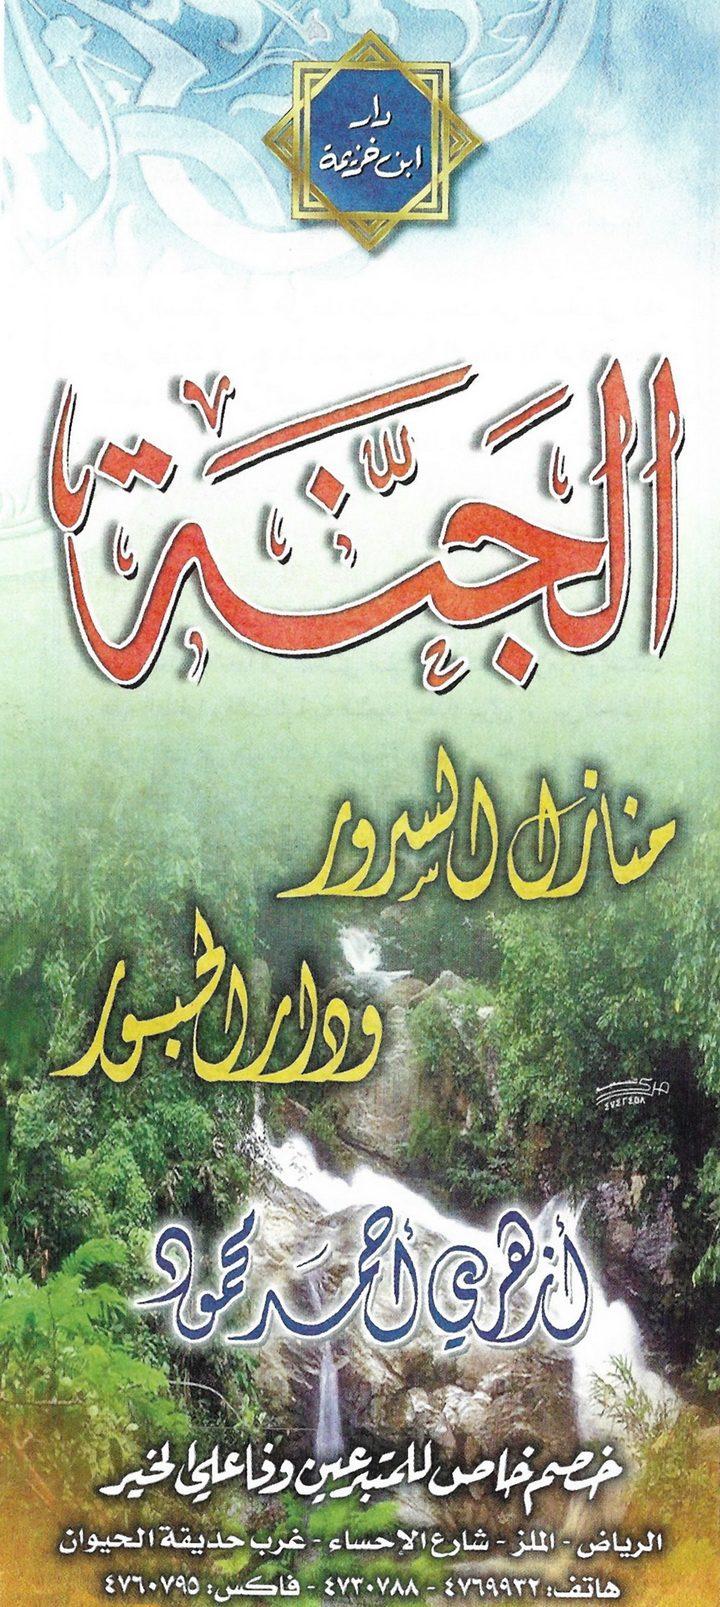 الجنّة منازل السرور ودار الحبور (أزهري أحمد محمود – دار ابن خزيمة)